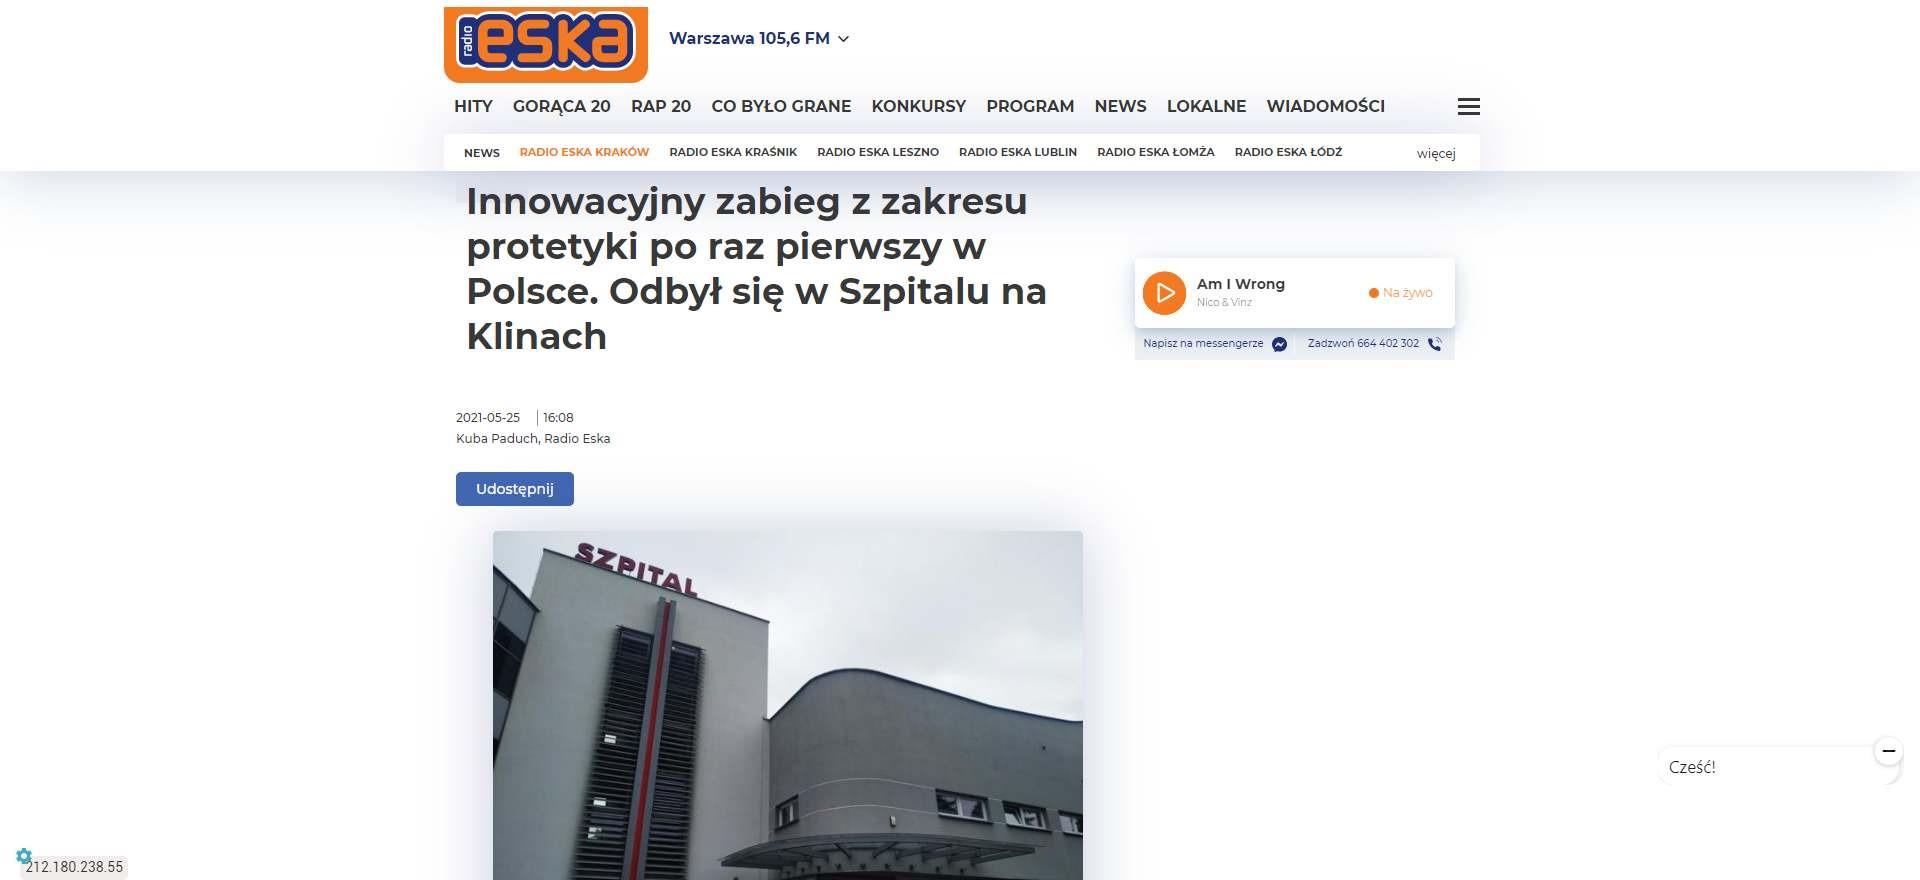 innowacyjny zabieg z zakresu protetyki po raz pierwszy w polsce odbyl sie w szpitalu na klinach